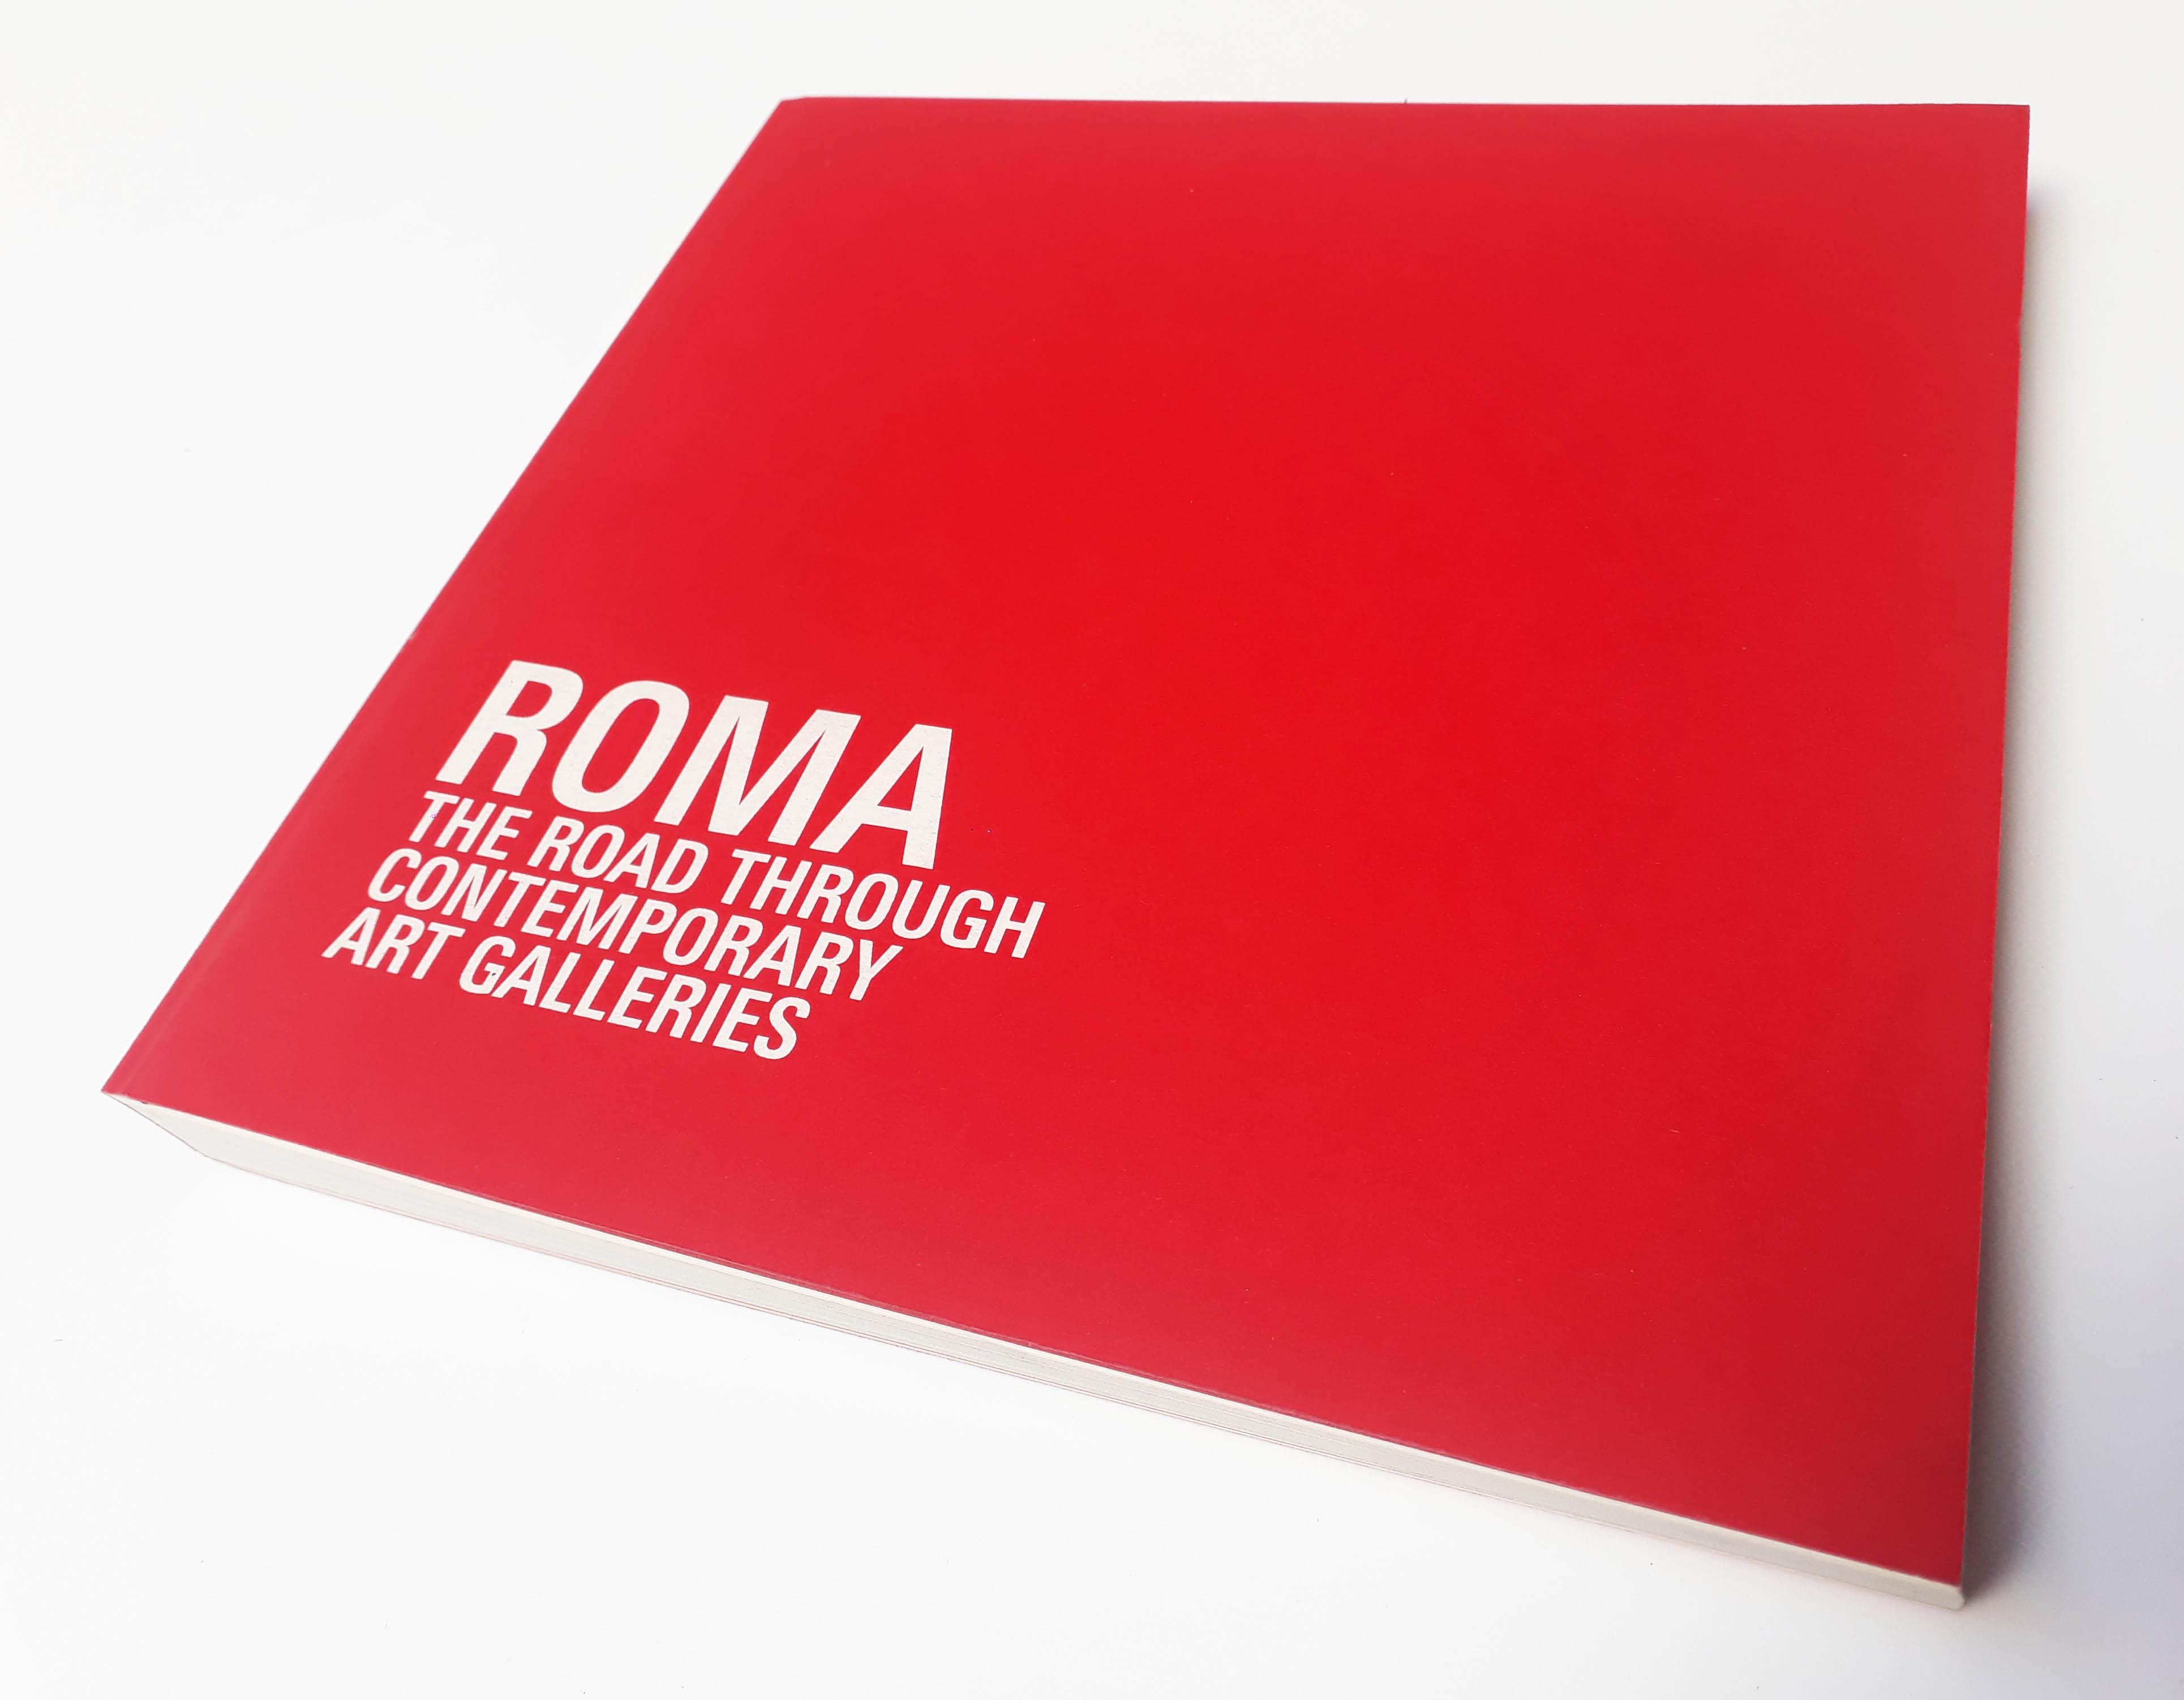 Rome Art Fair